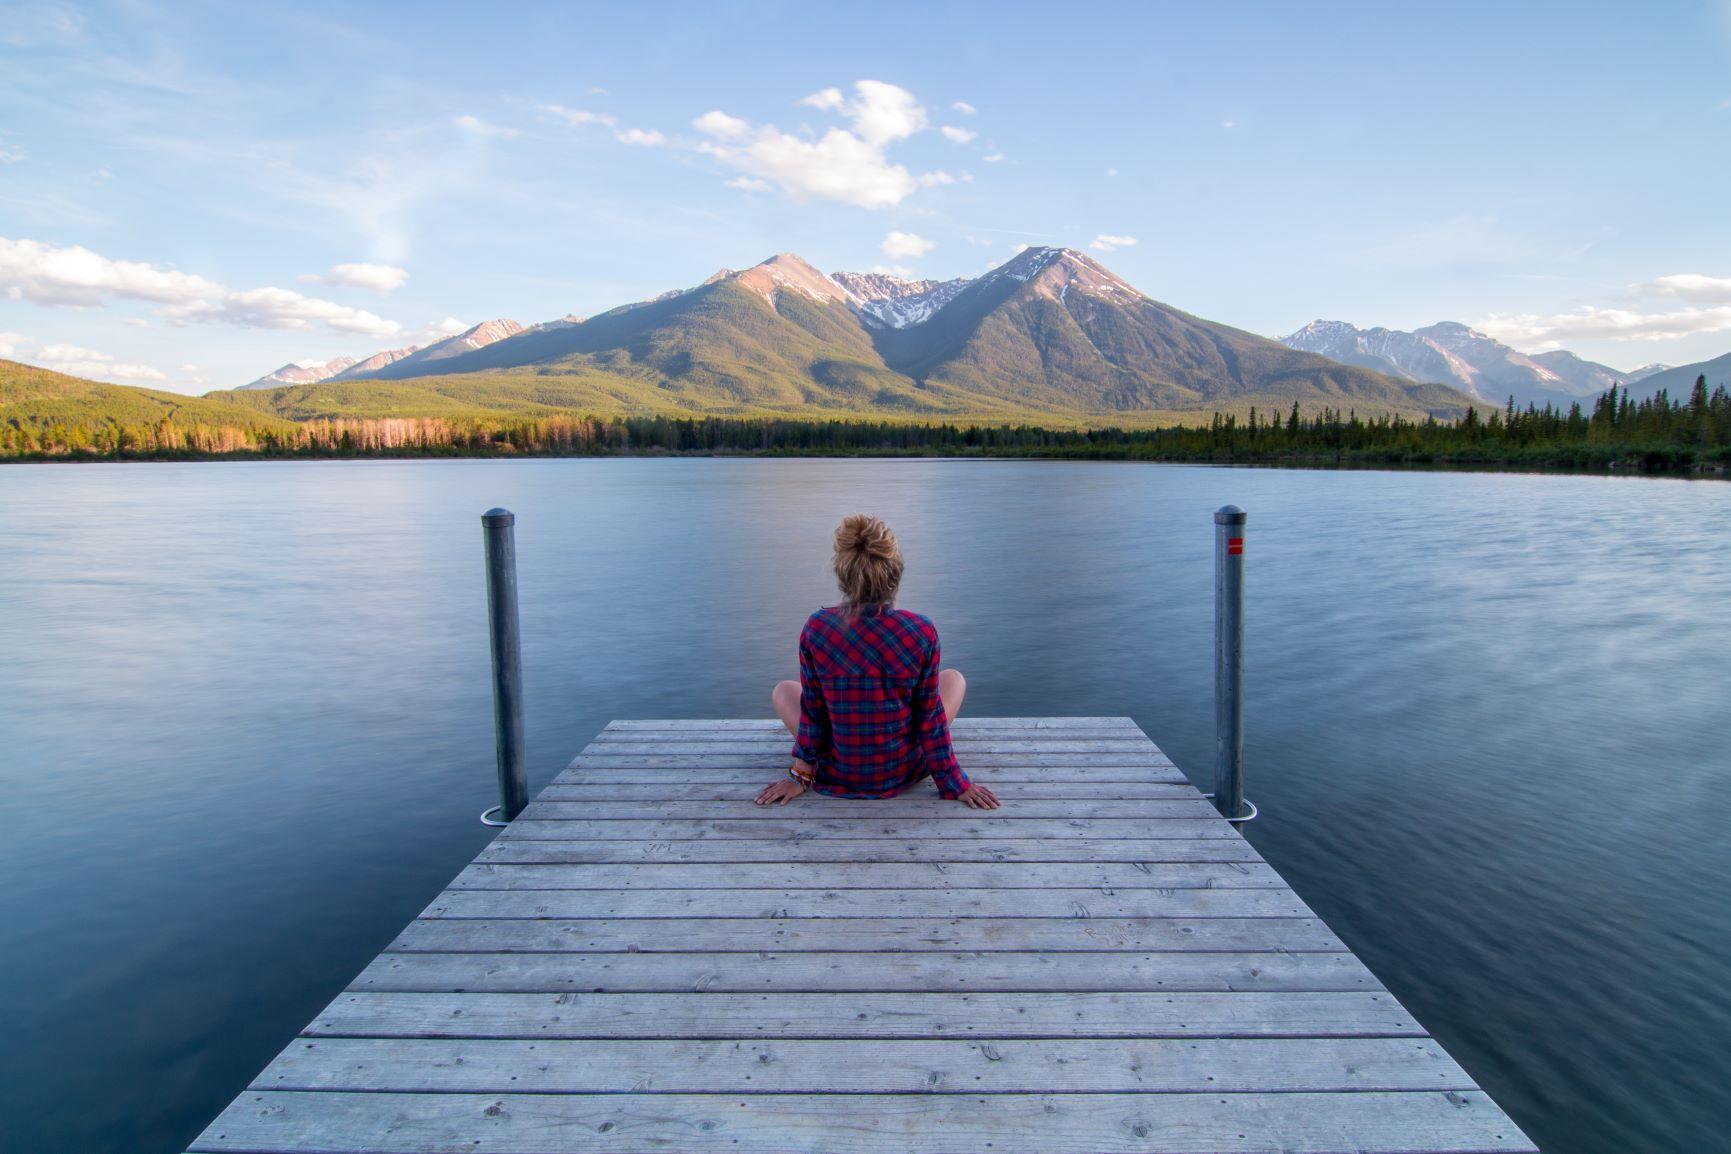 2019 Bild Stress und Entspannung Entspannung Ausblick See 2mb